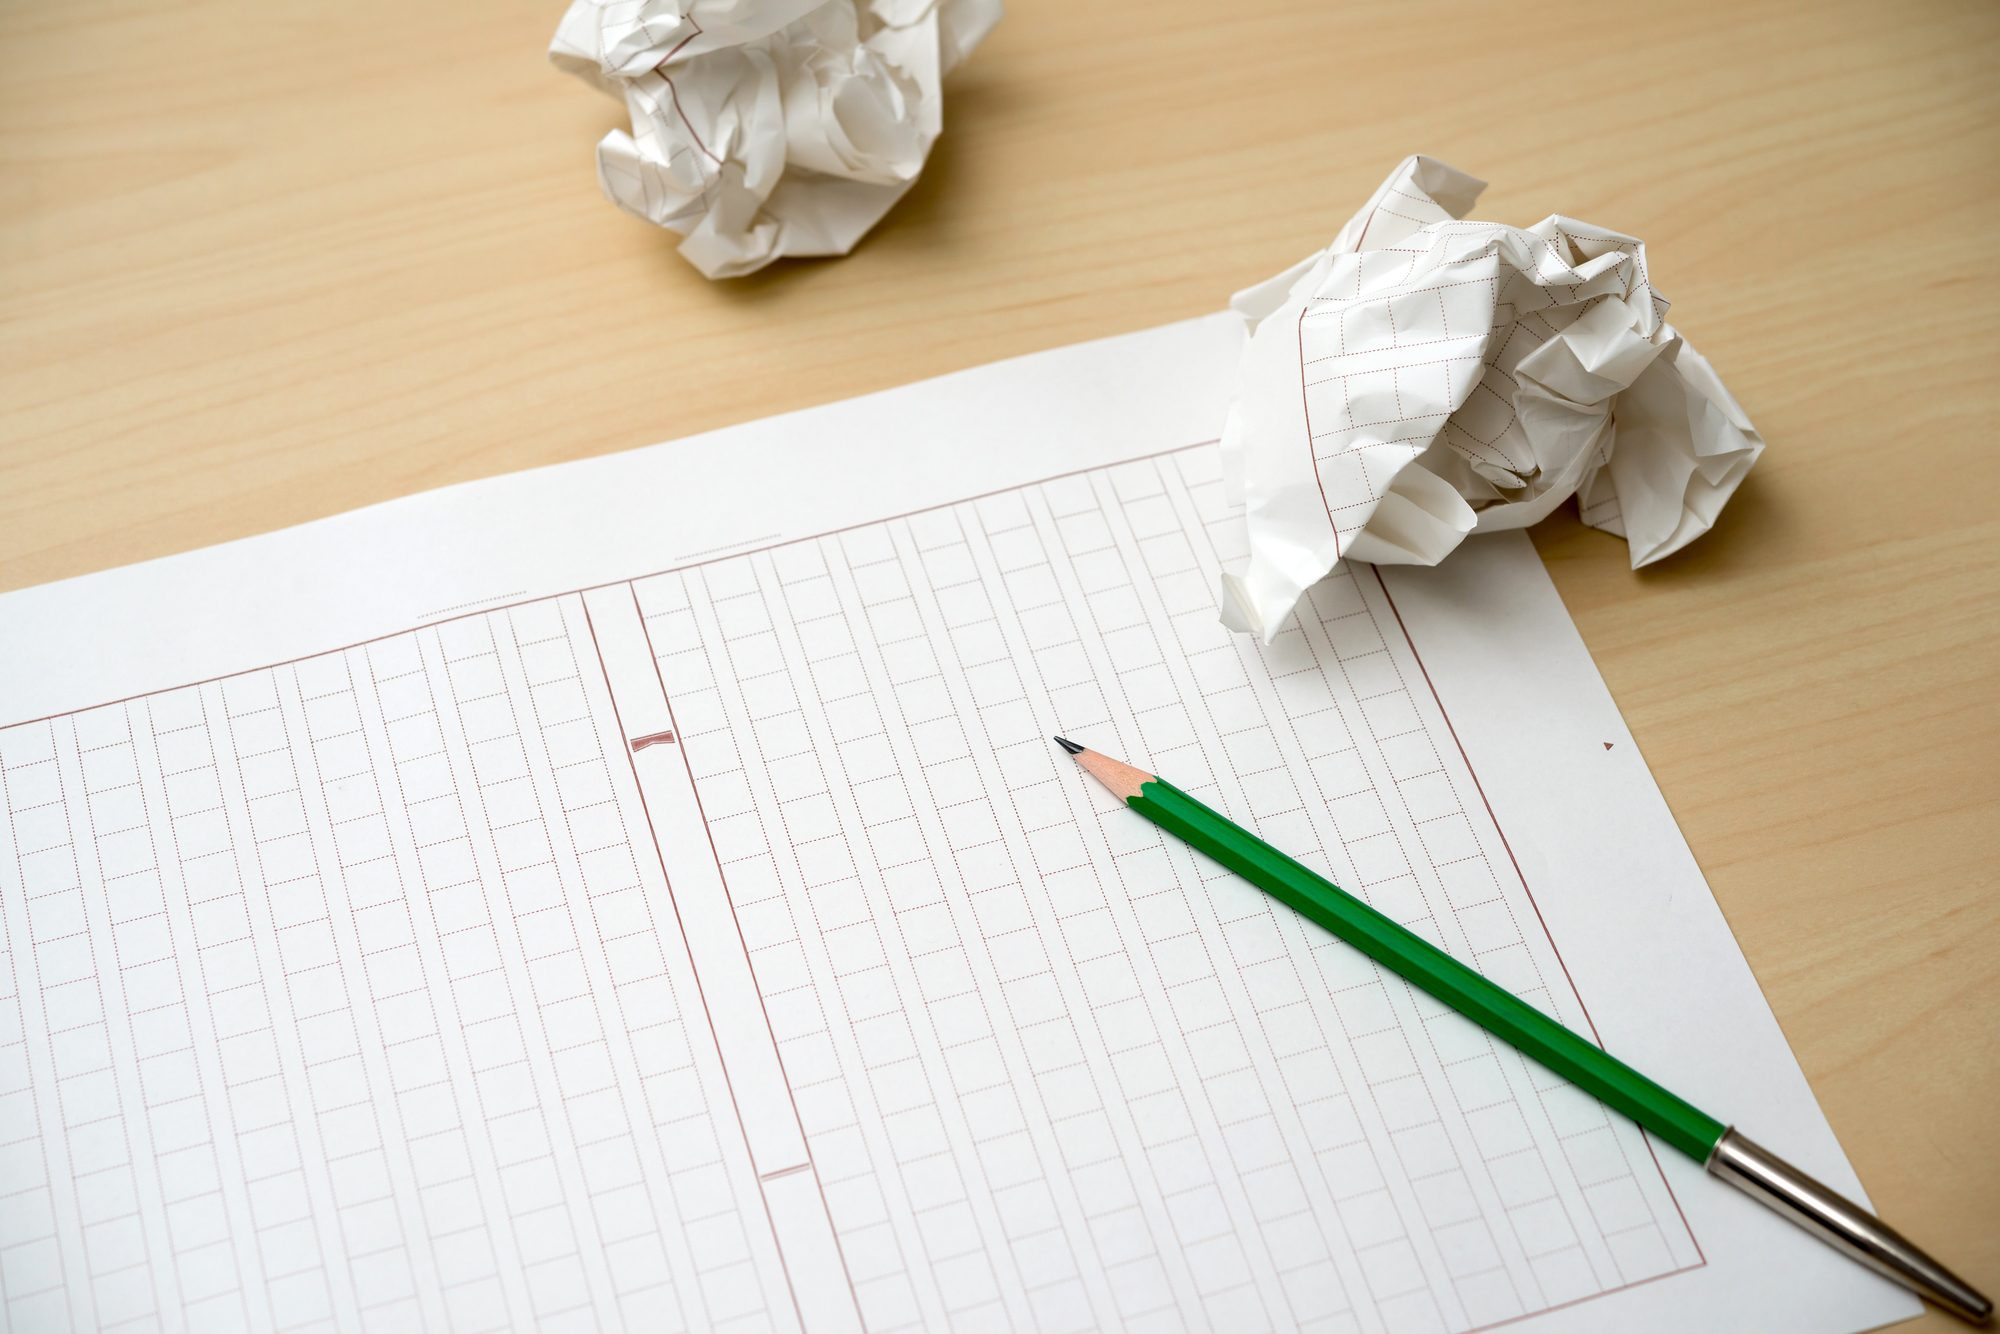 就活試験の作文対策はこれでOK!10の基本ルールと書き方のポイント